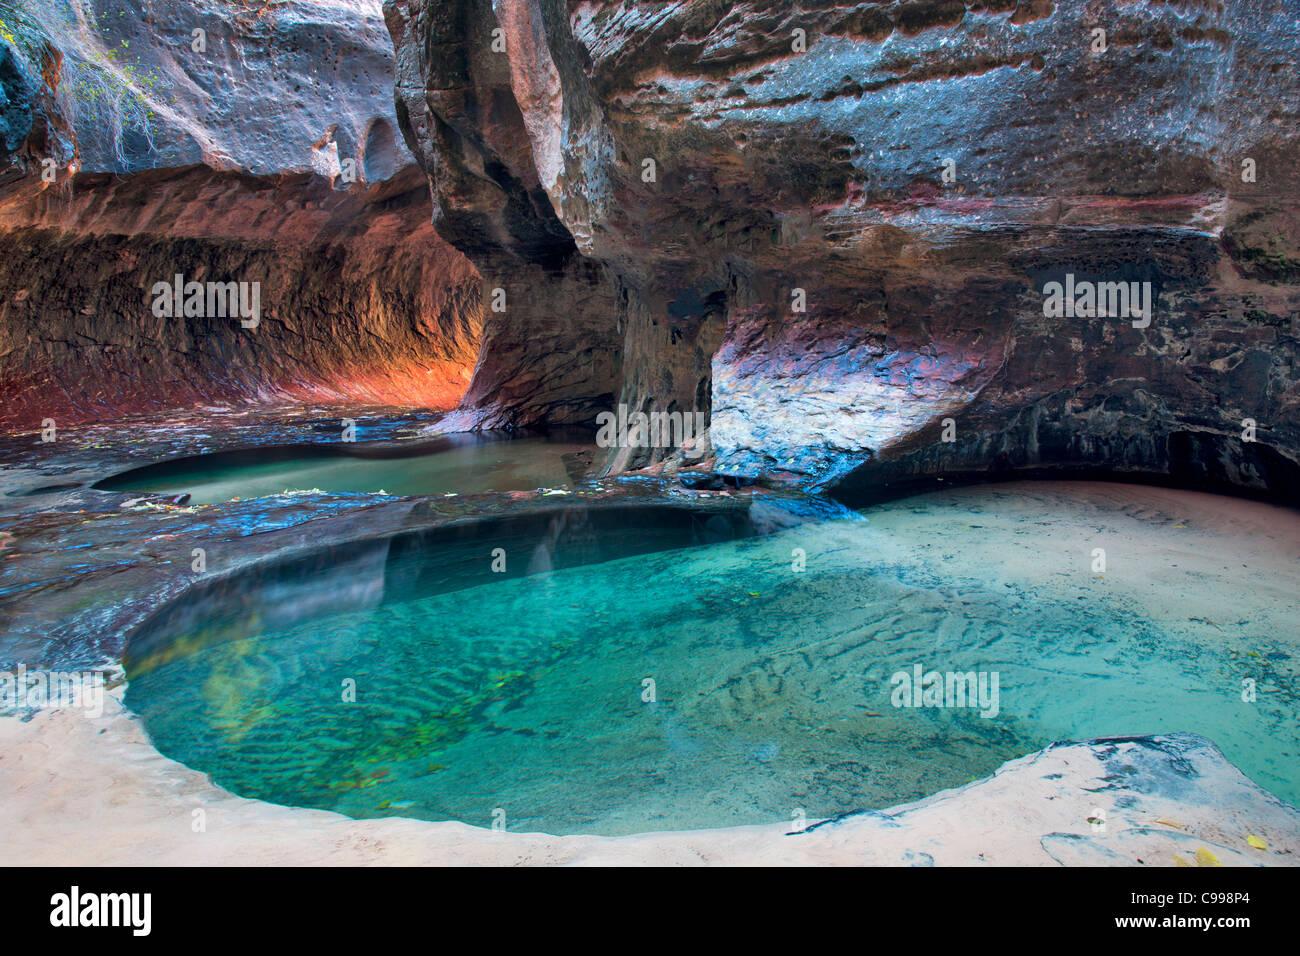 Le métro. Fourche gauche Ruisseau du Nord. Zion National Park, Utah. Photo Stock